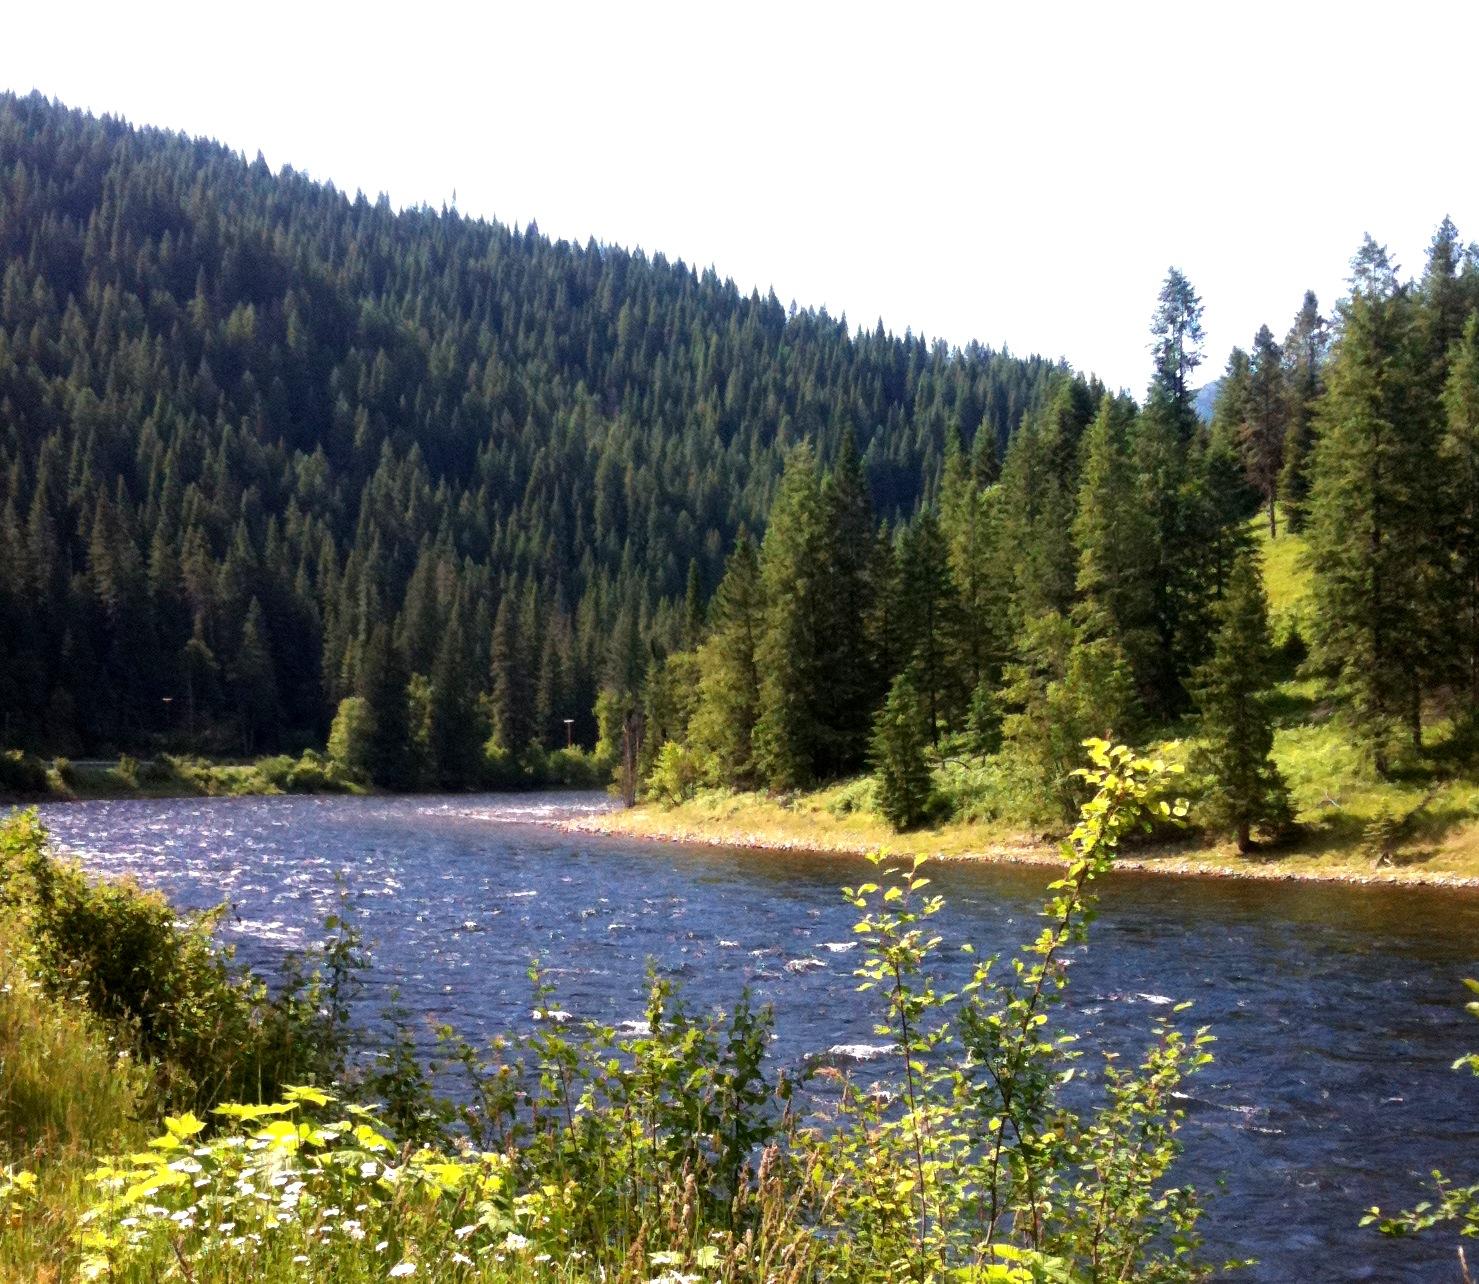 The Lochsa River